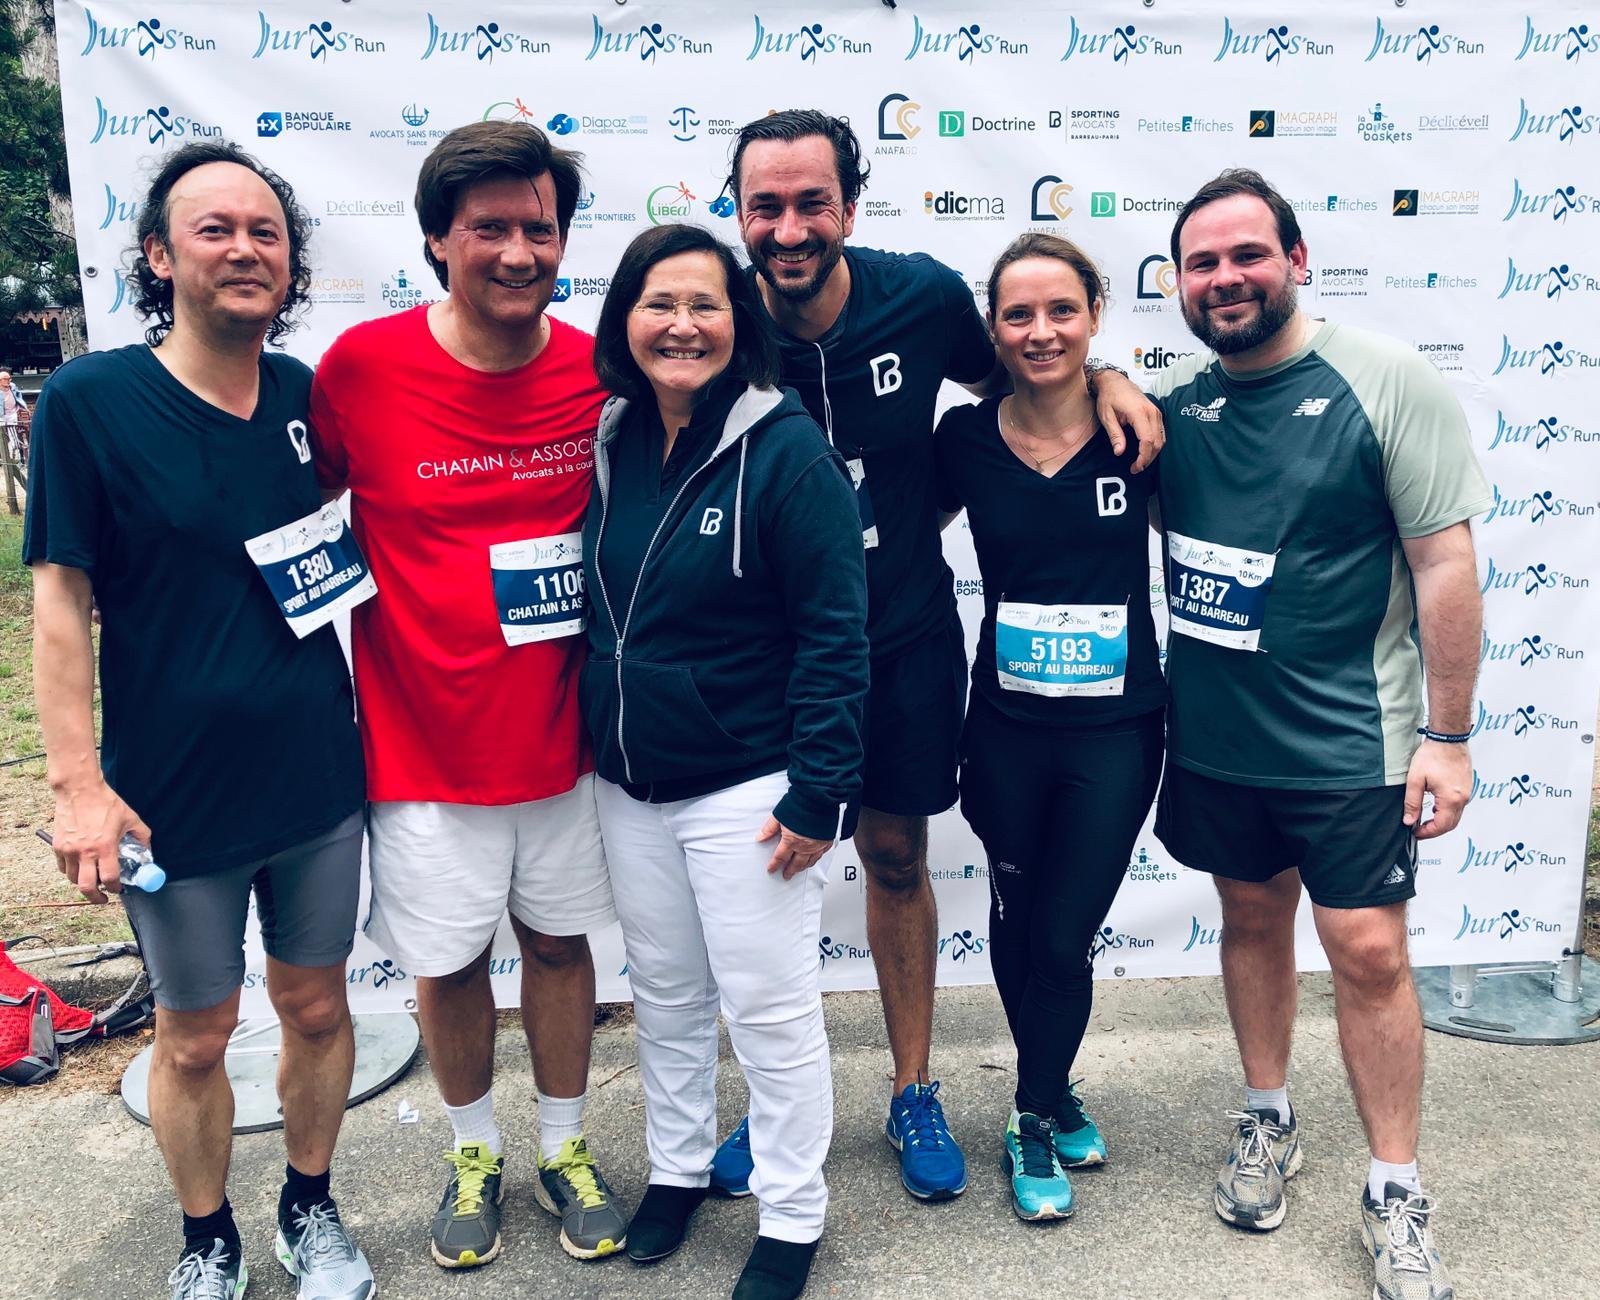 CHHUM AVOCATS (Paris, Nantes, Lille) a participé à la Juris Run 2019 le 16 juin 2019